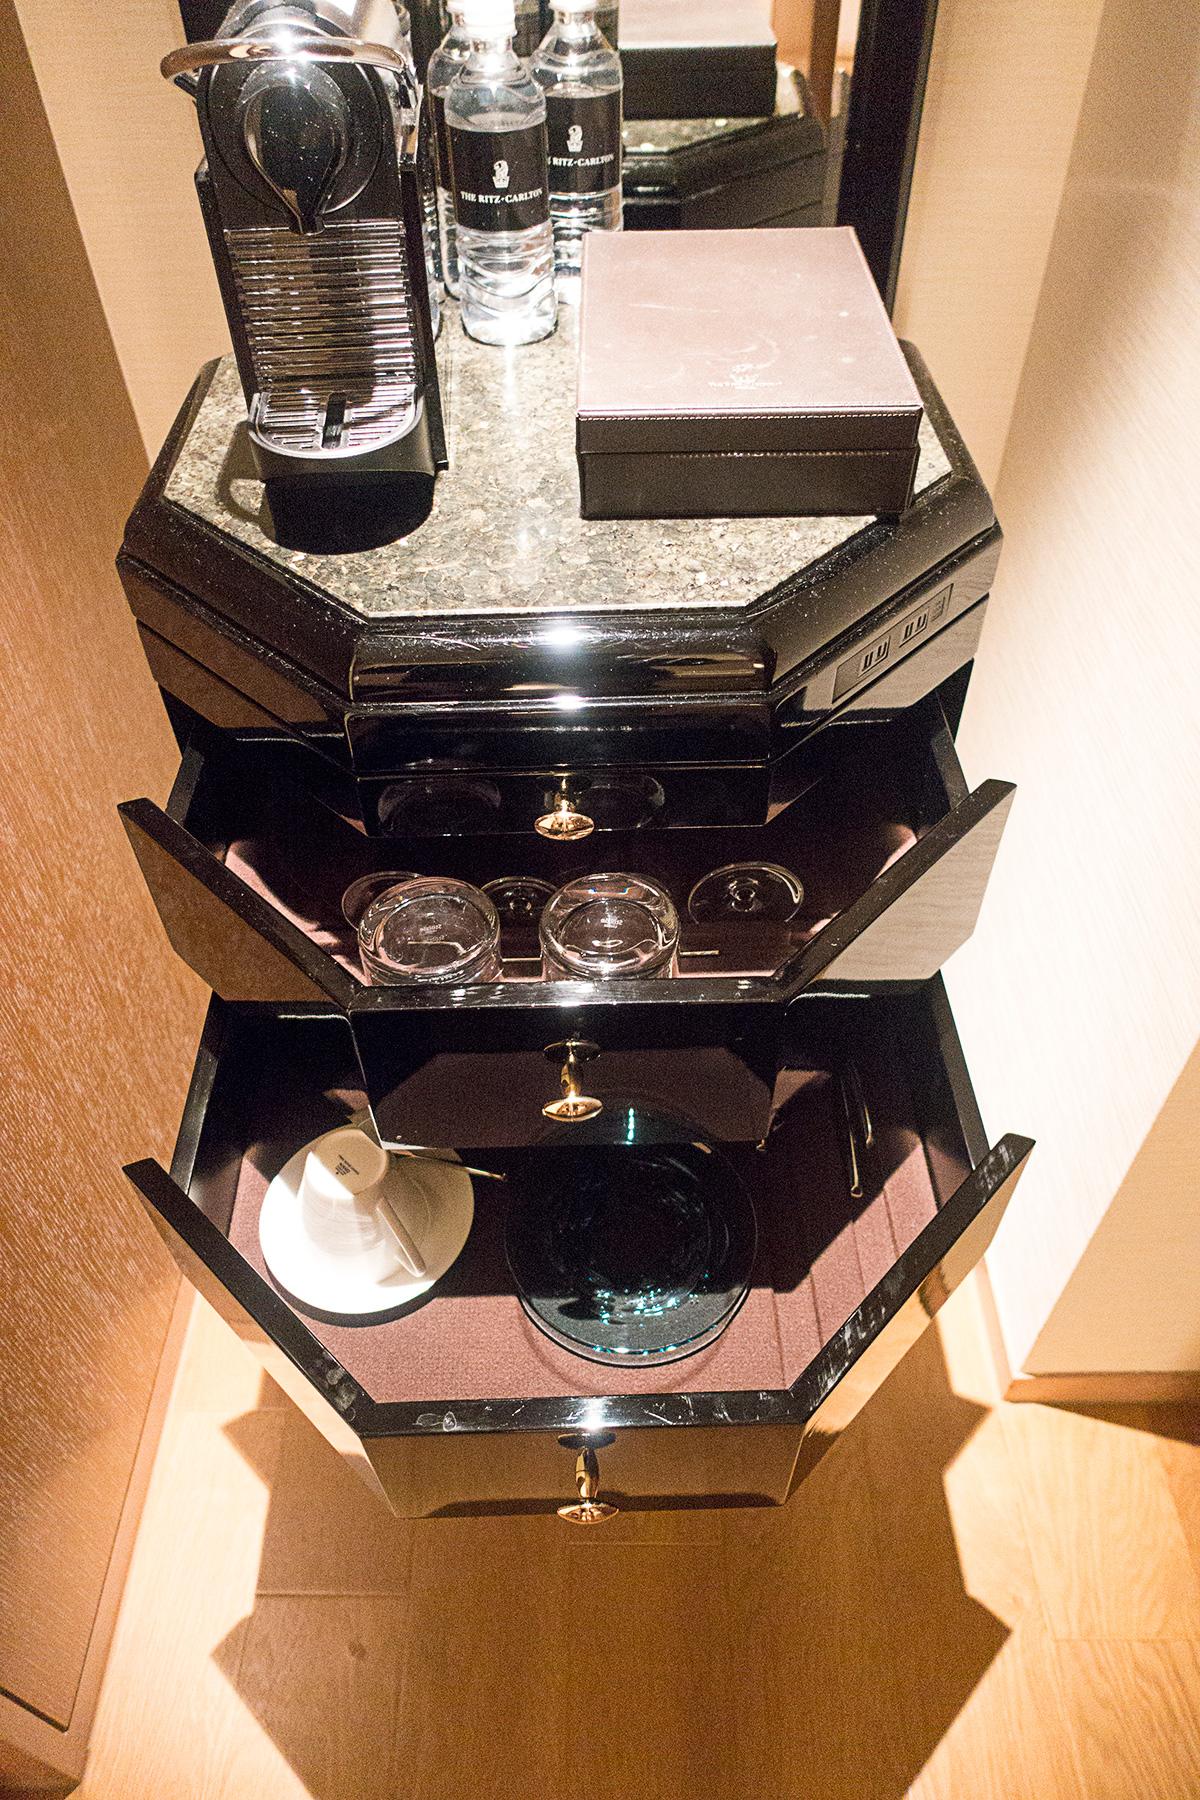 ザ・リッツ・カールトン沖縄プレミアデラックスルームのコーヒーメーカー